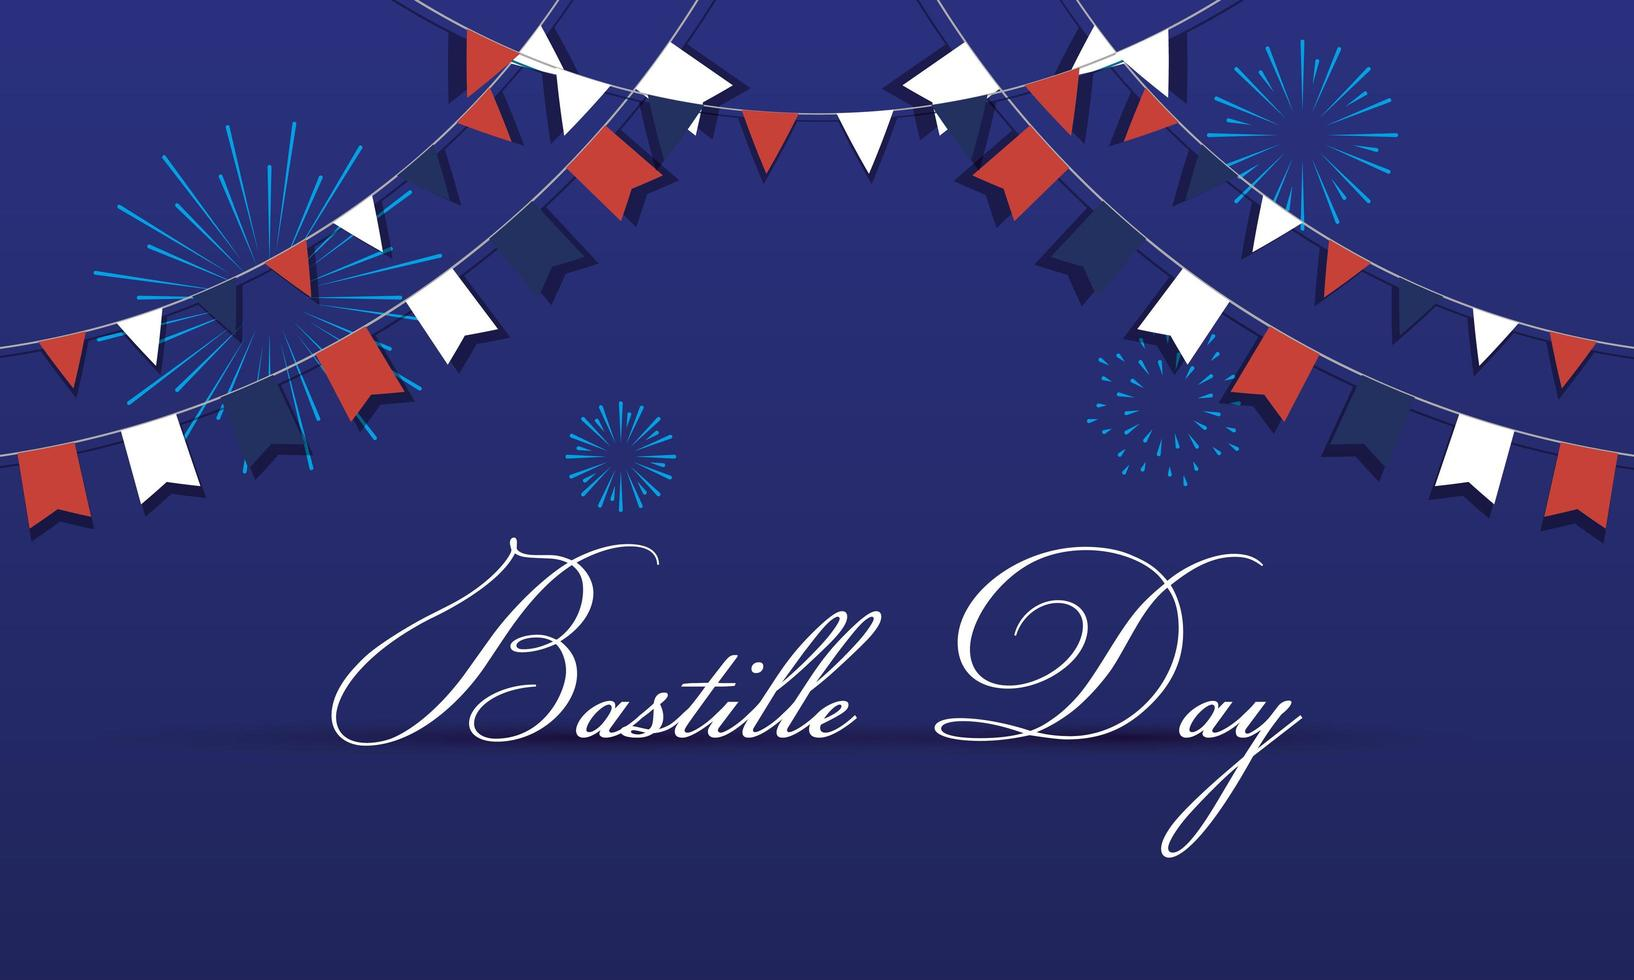 banner de celebração do dia da bastilha com guirlanda vetor